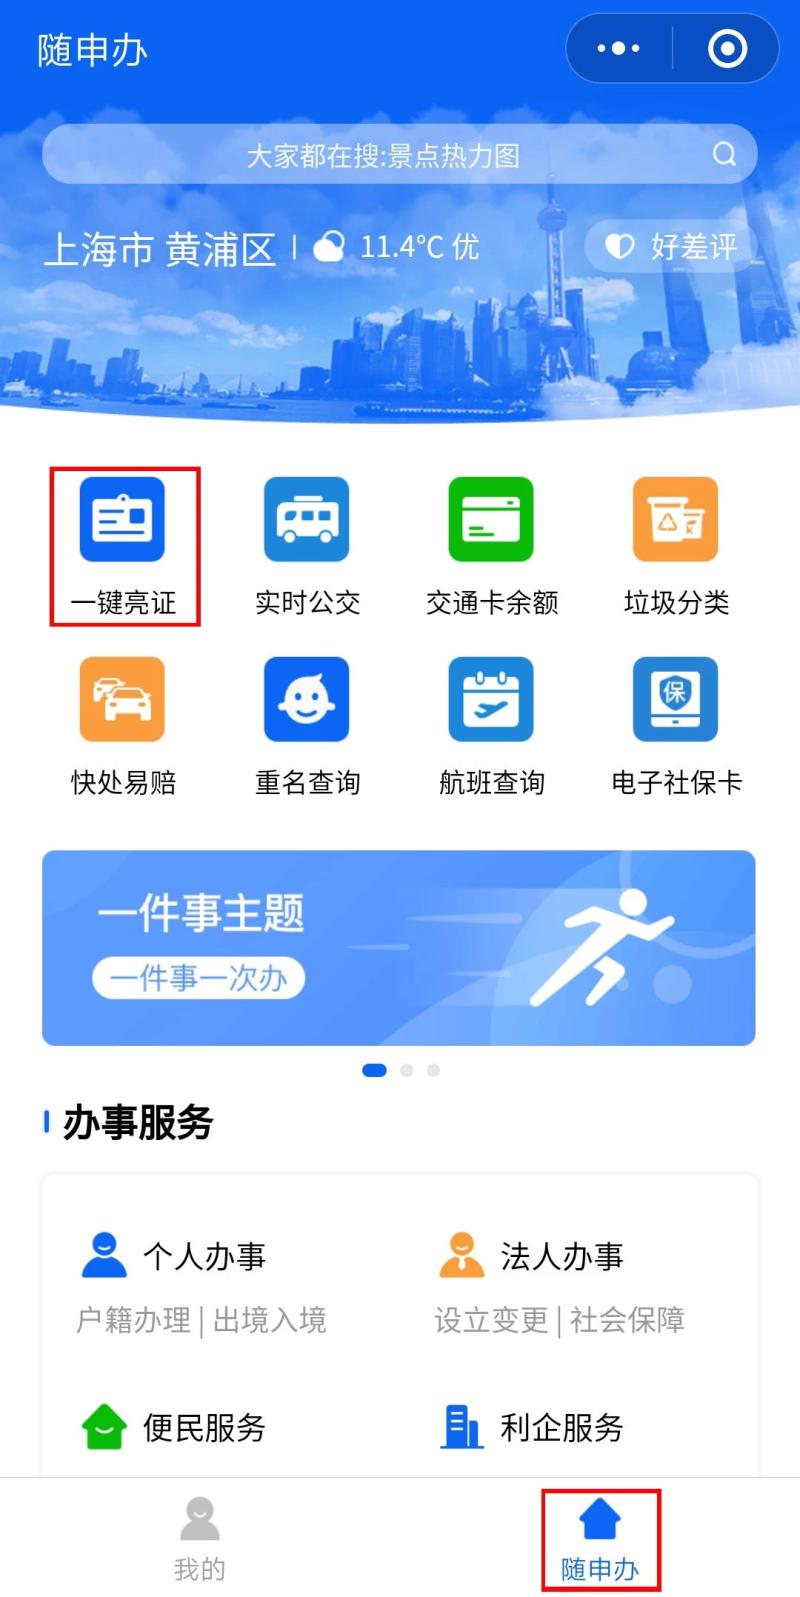 去银行忘带身份证也能办事,微信支付宝也能办政务事项……上海这个超级应用你用了吗